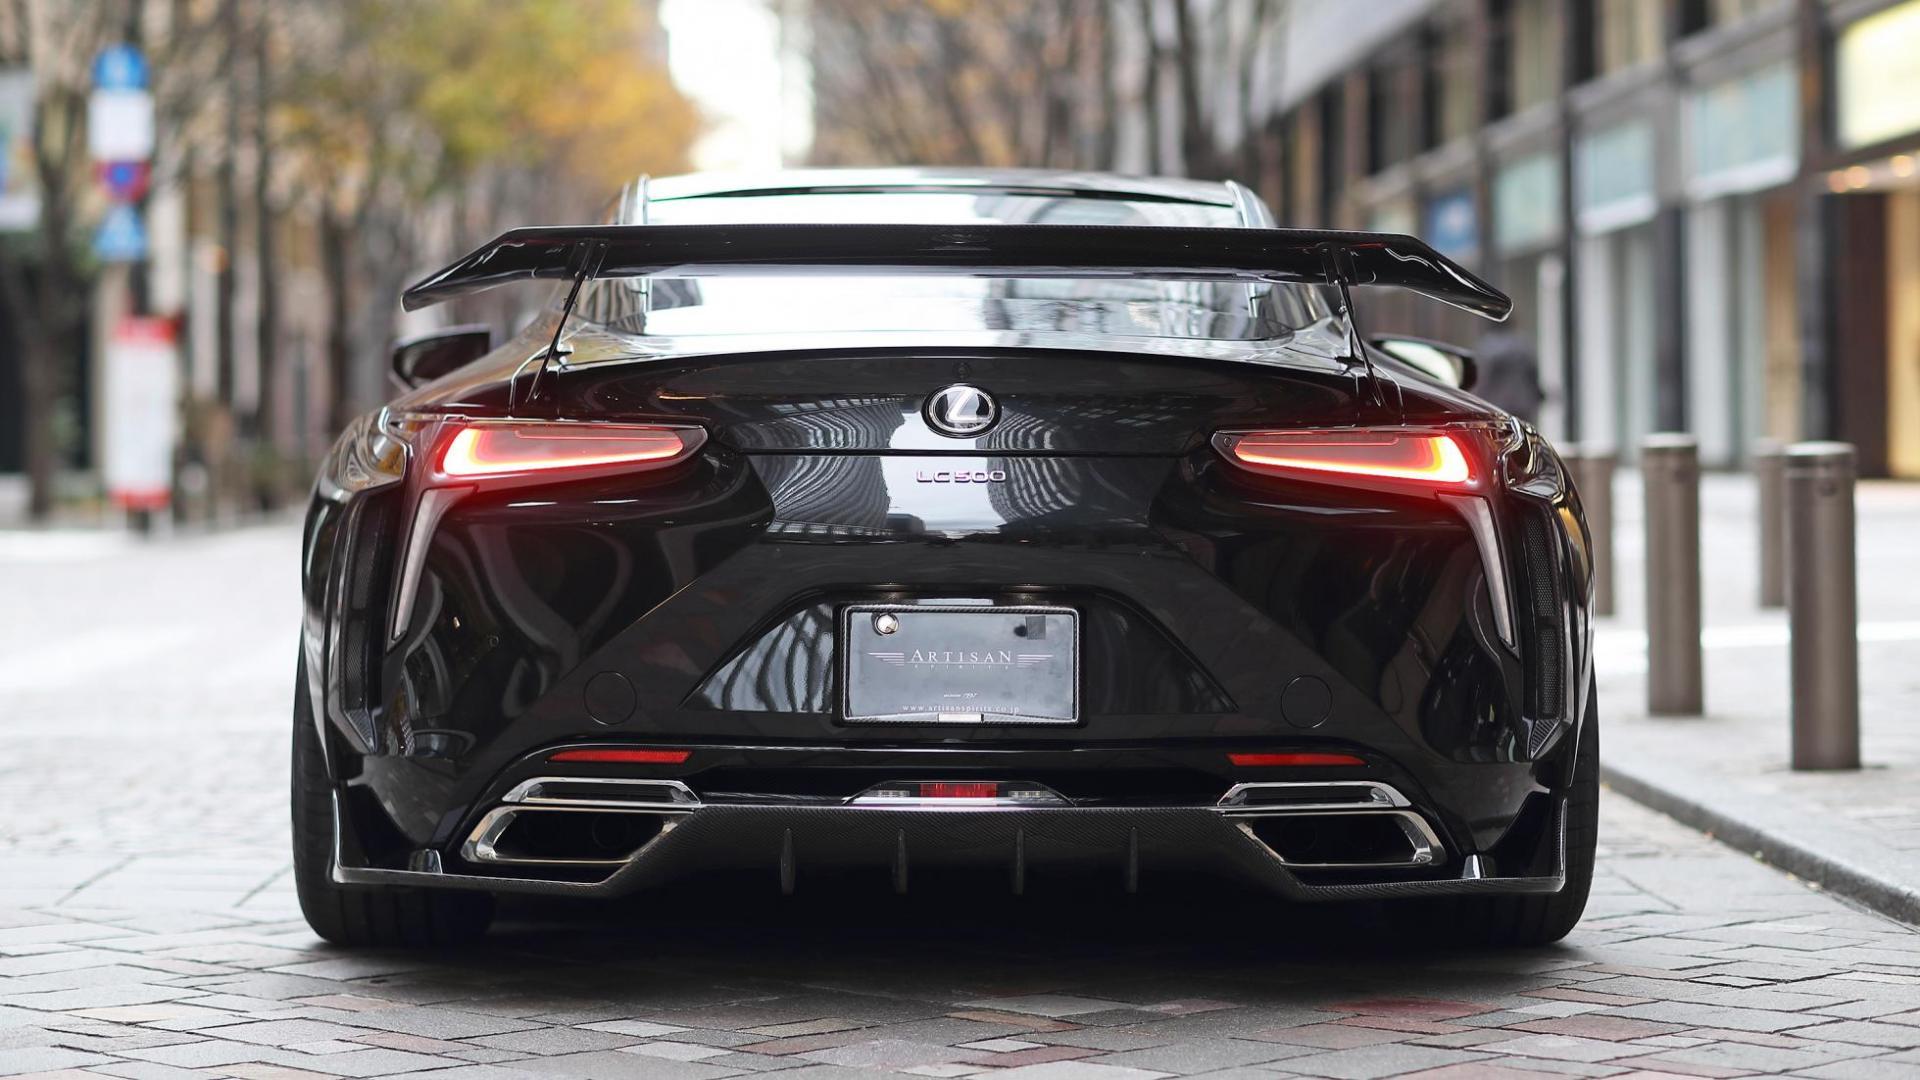 Lexus LC Artisan Spirits